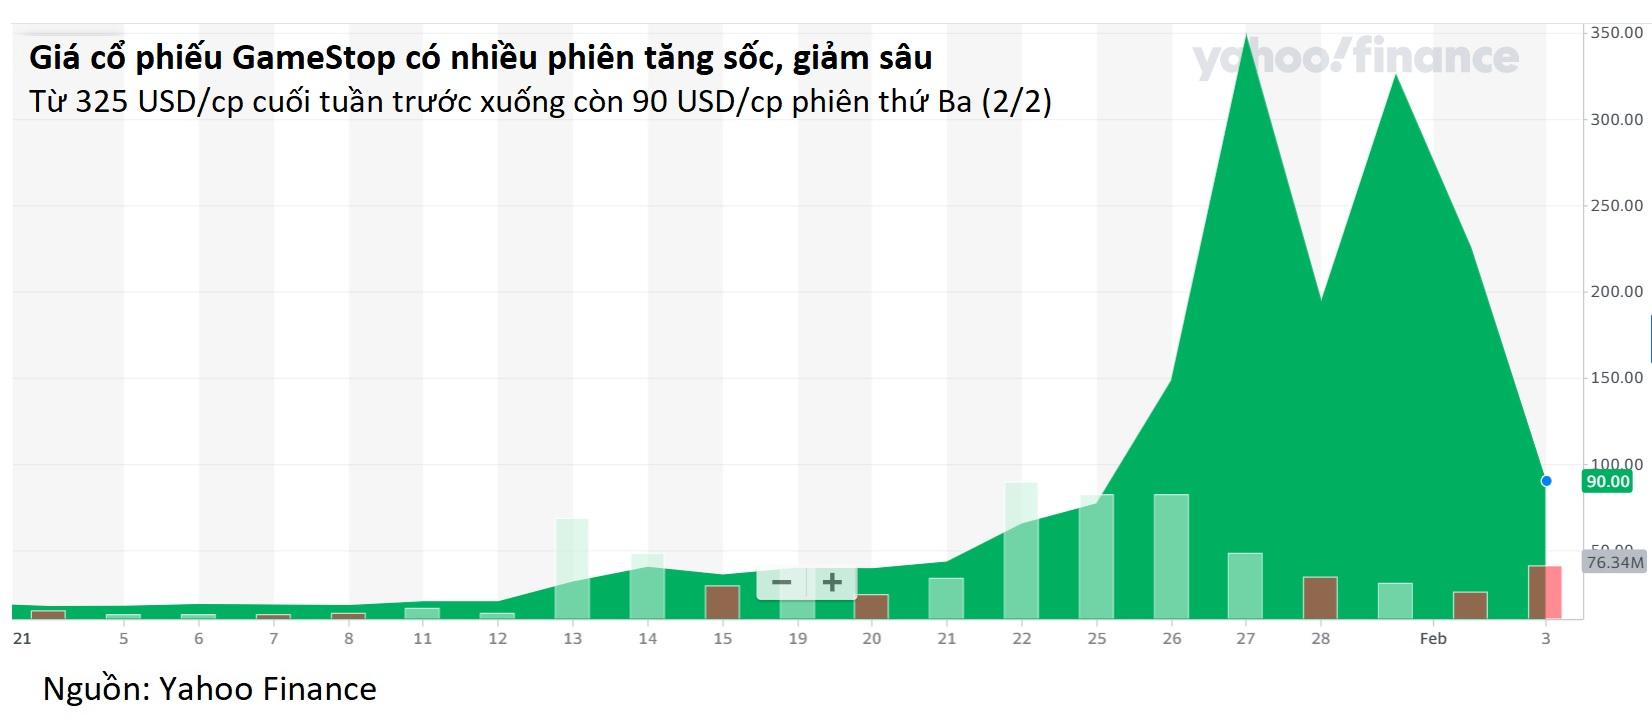 GameStop tăng sốc giảm sâu, một NĐT cá nhân từ lãi 2.000% biến thành lỗ chục triệu USD - Ảnh 2.